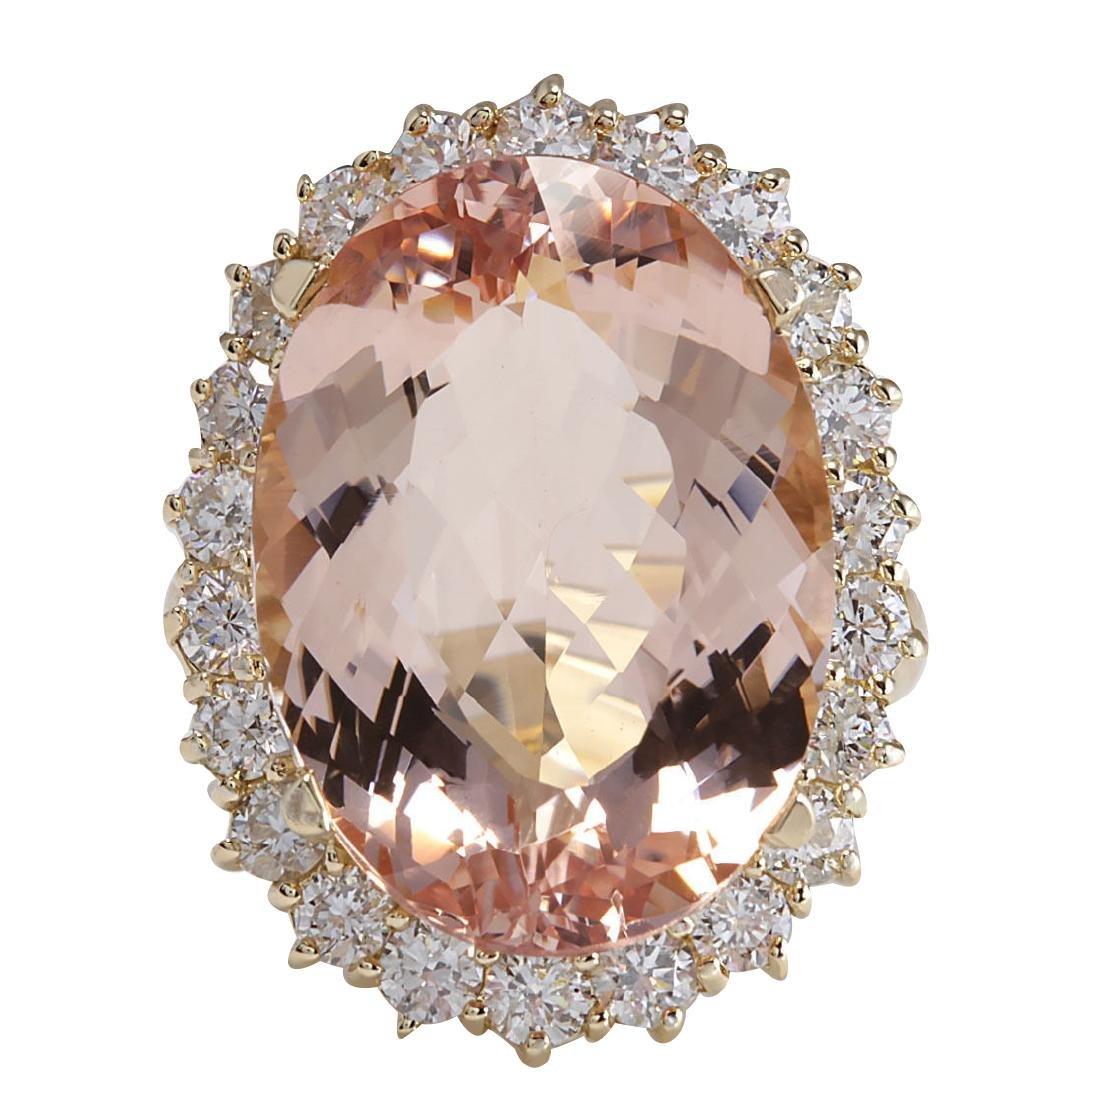 17.14CTW Natural Morganite And Diamond Ring In 18K